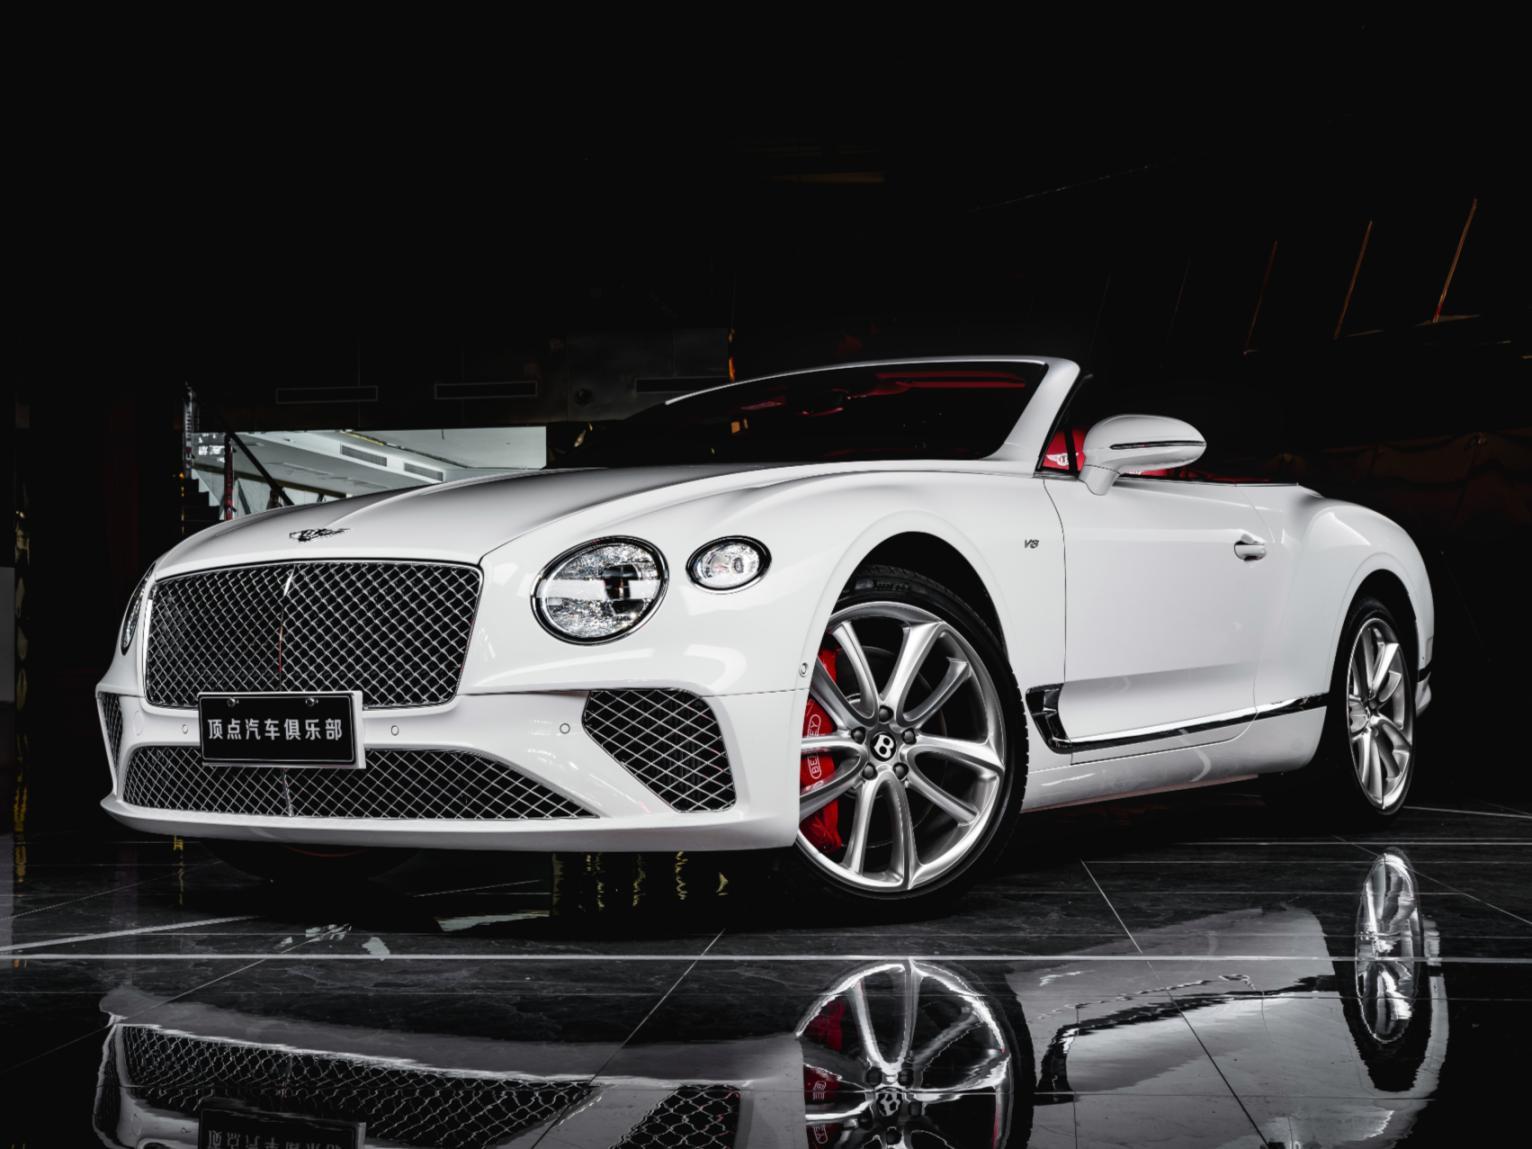 宾利 欧陆 白色/红色 2020款 4.0T GT V8 敞篷版